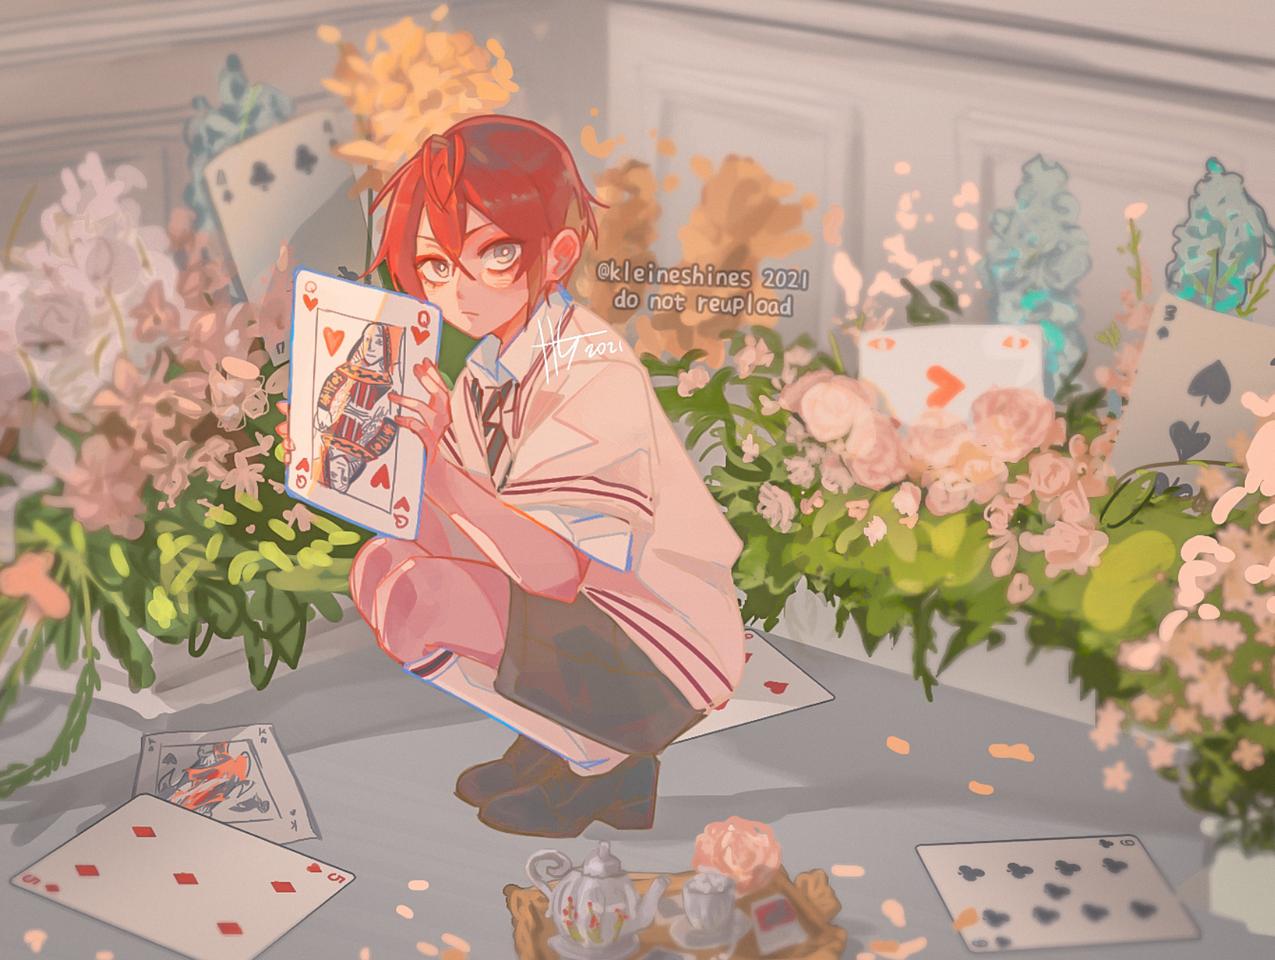 リドル Illust of Kleineshines April2021_Flower medibangpaint Twisted-Wonderland illustration ツイステイラスト HEARTSLABYUL RiddleRosehearts